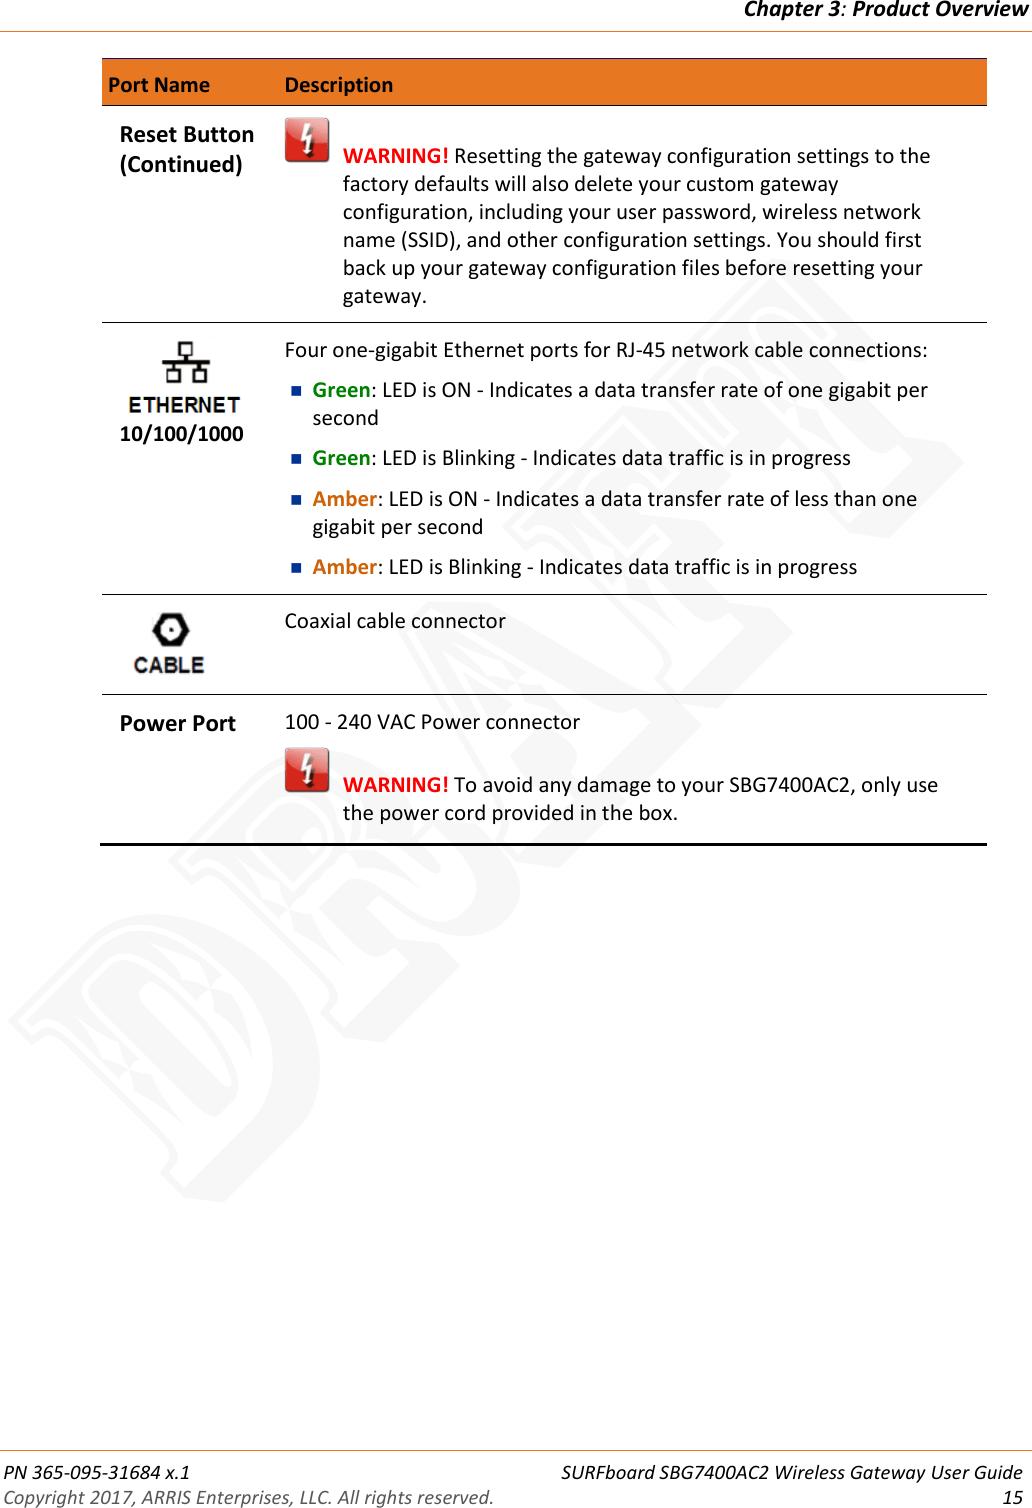 Arris Sbg Wireless Telephony Gateway User Manual